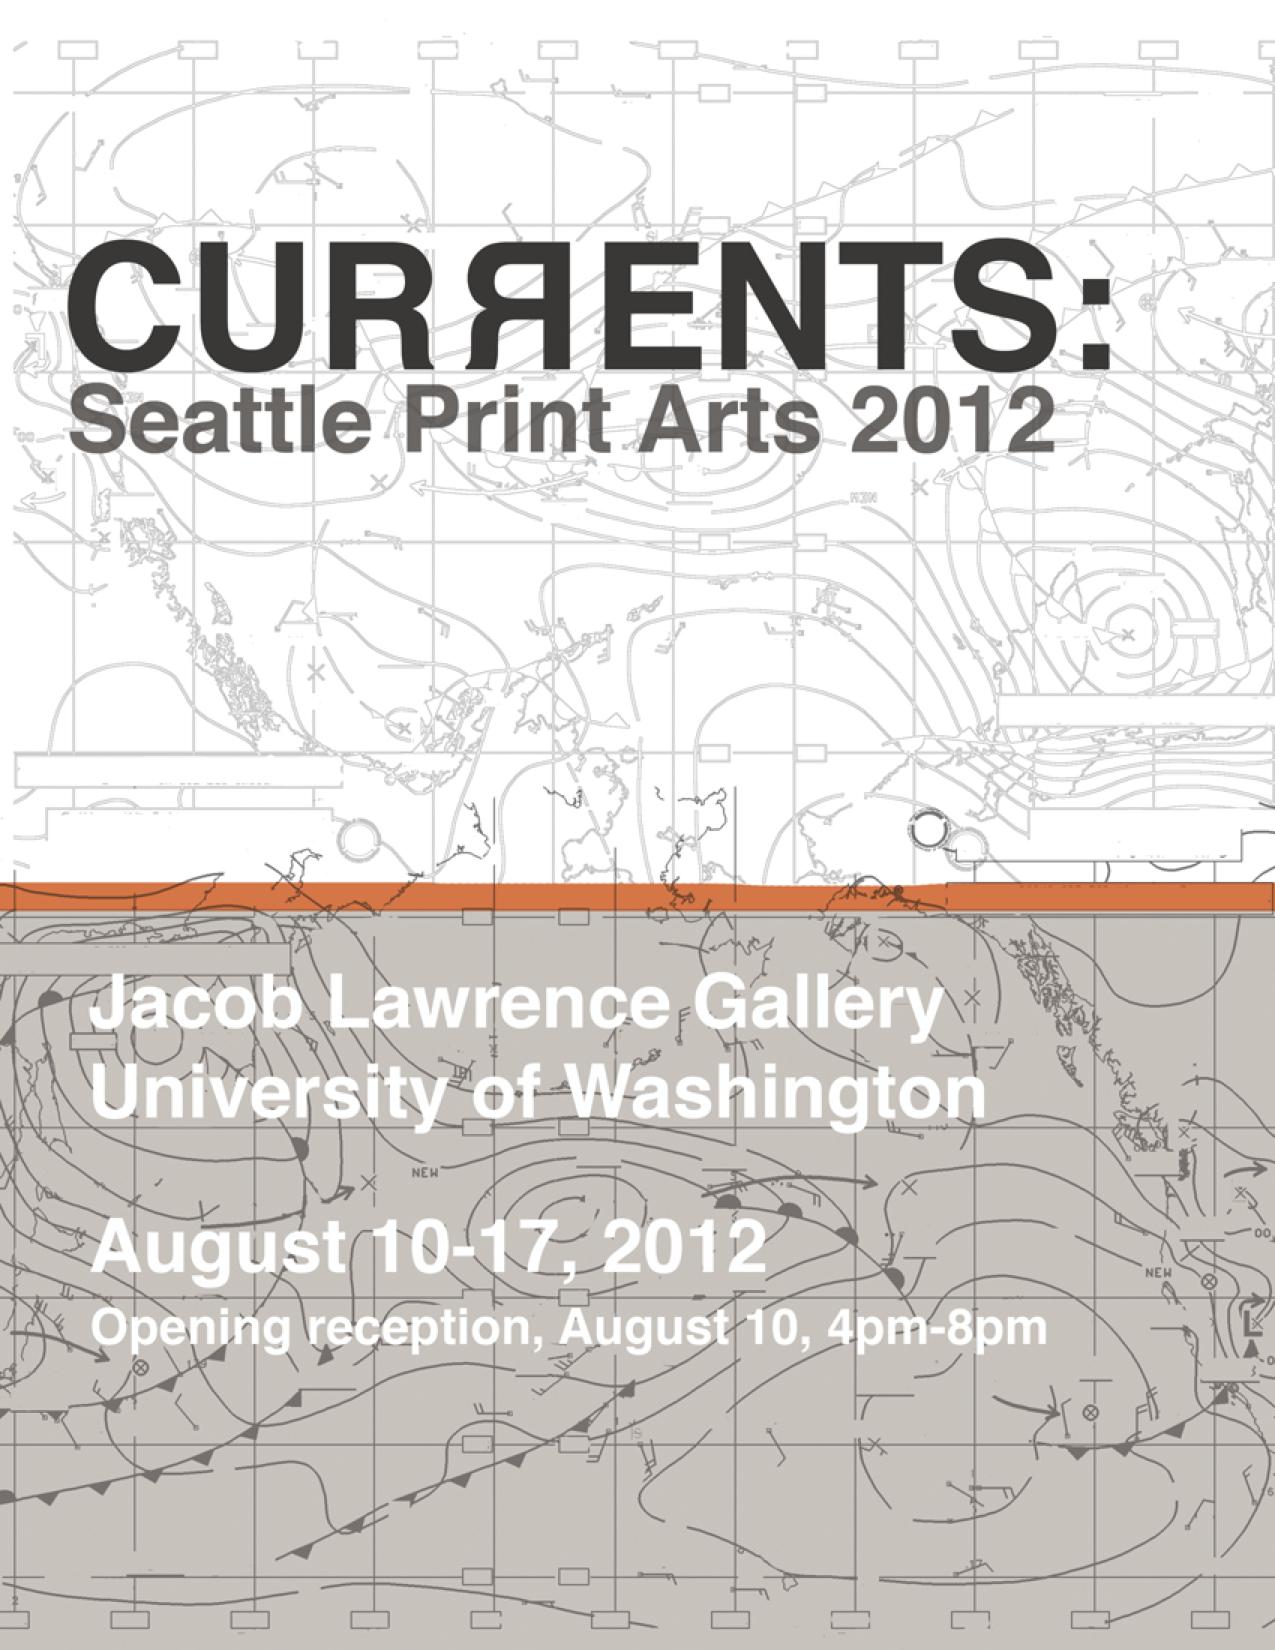 SeattlePrintArts_poster